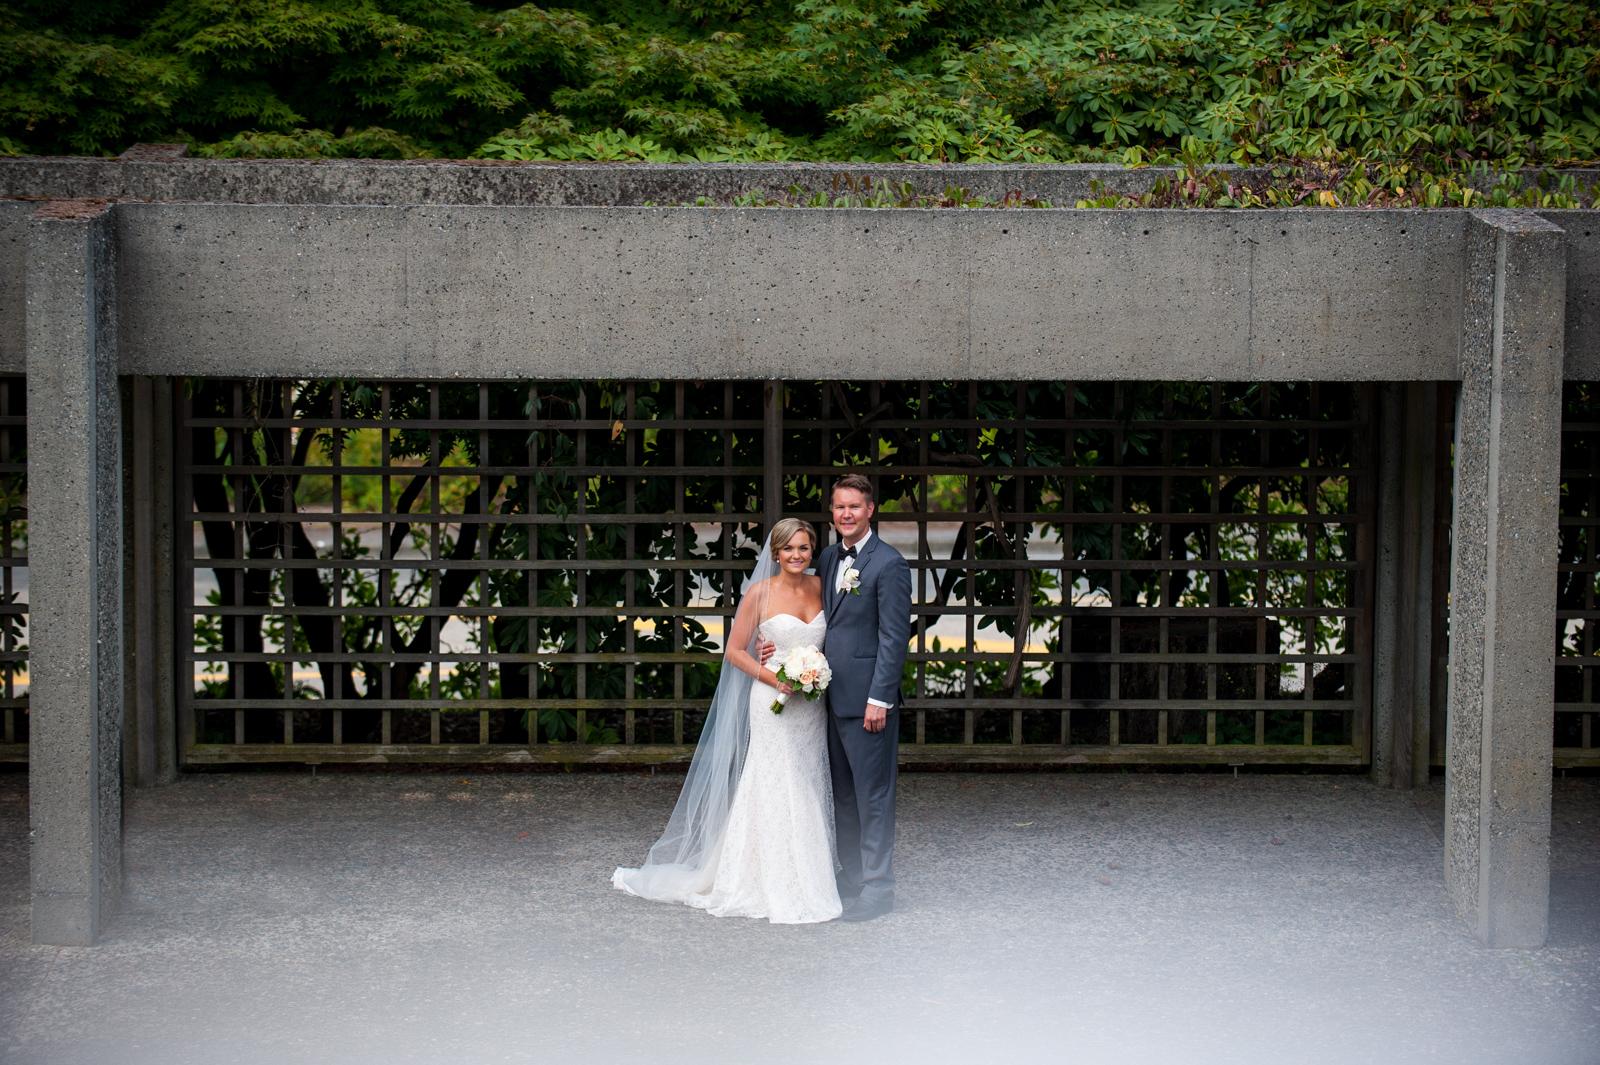 victoria-wedding-photographers-ubc-rose-garden-sage-bistro-wedding-23.jpg